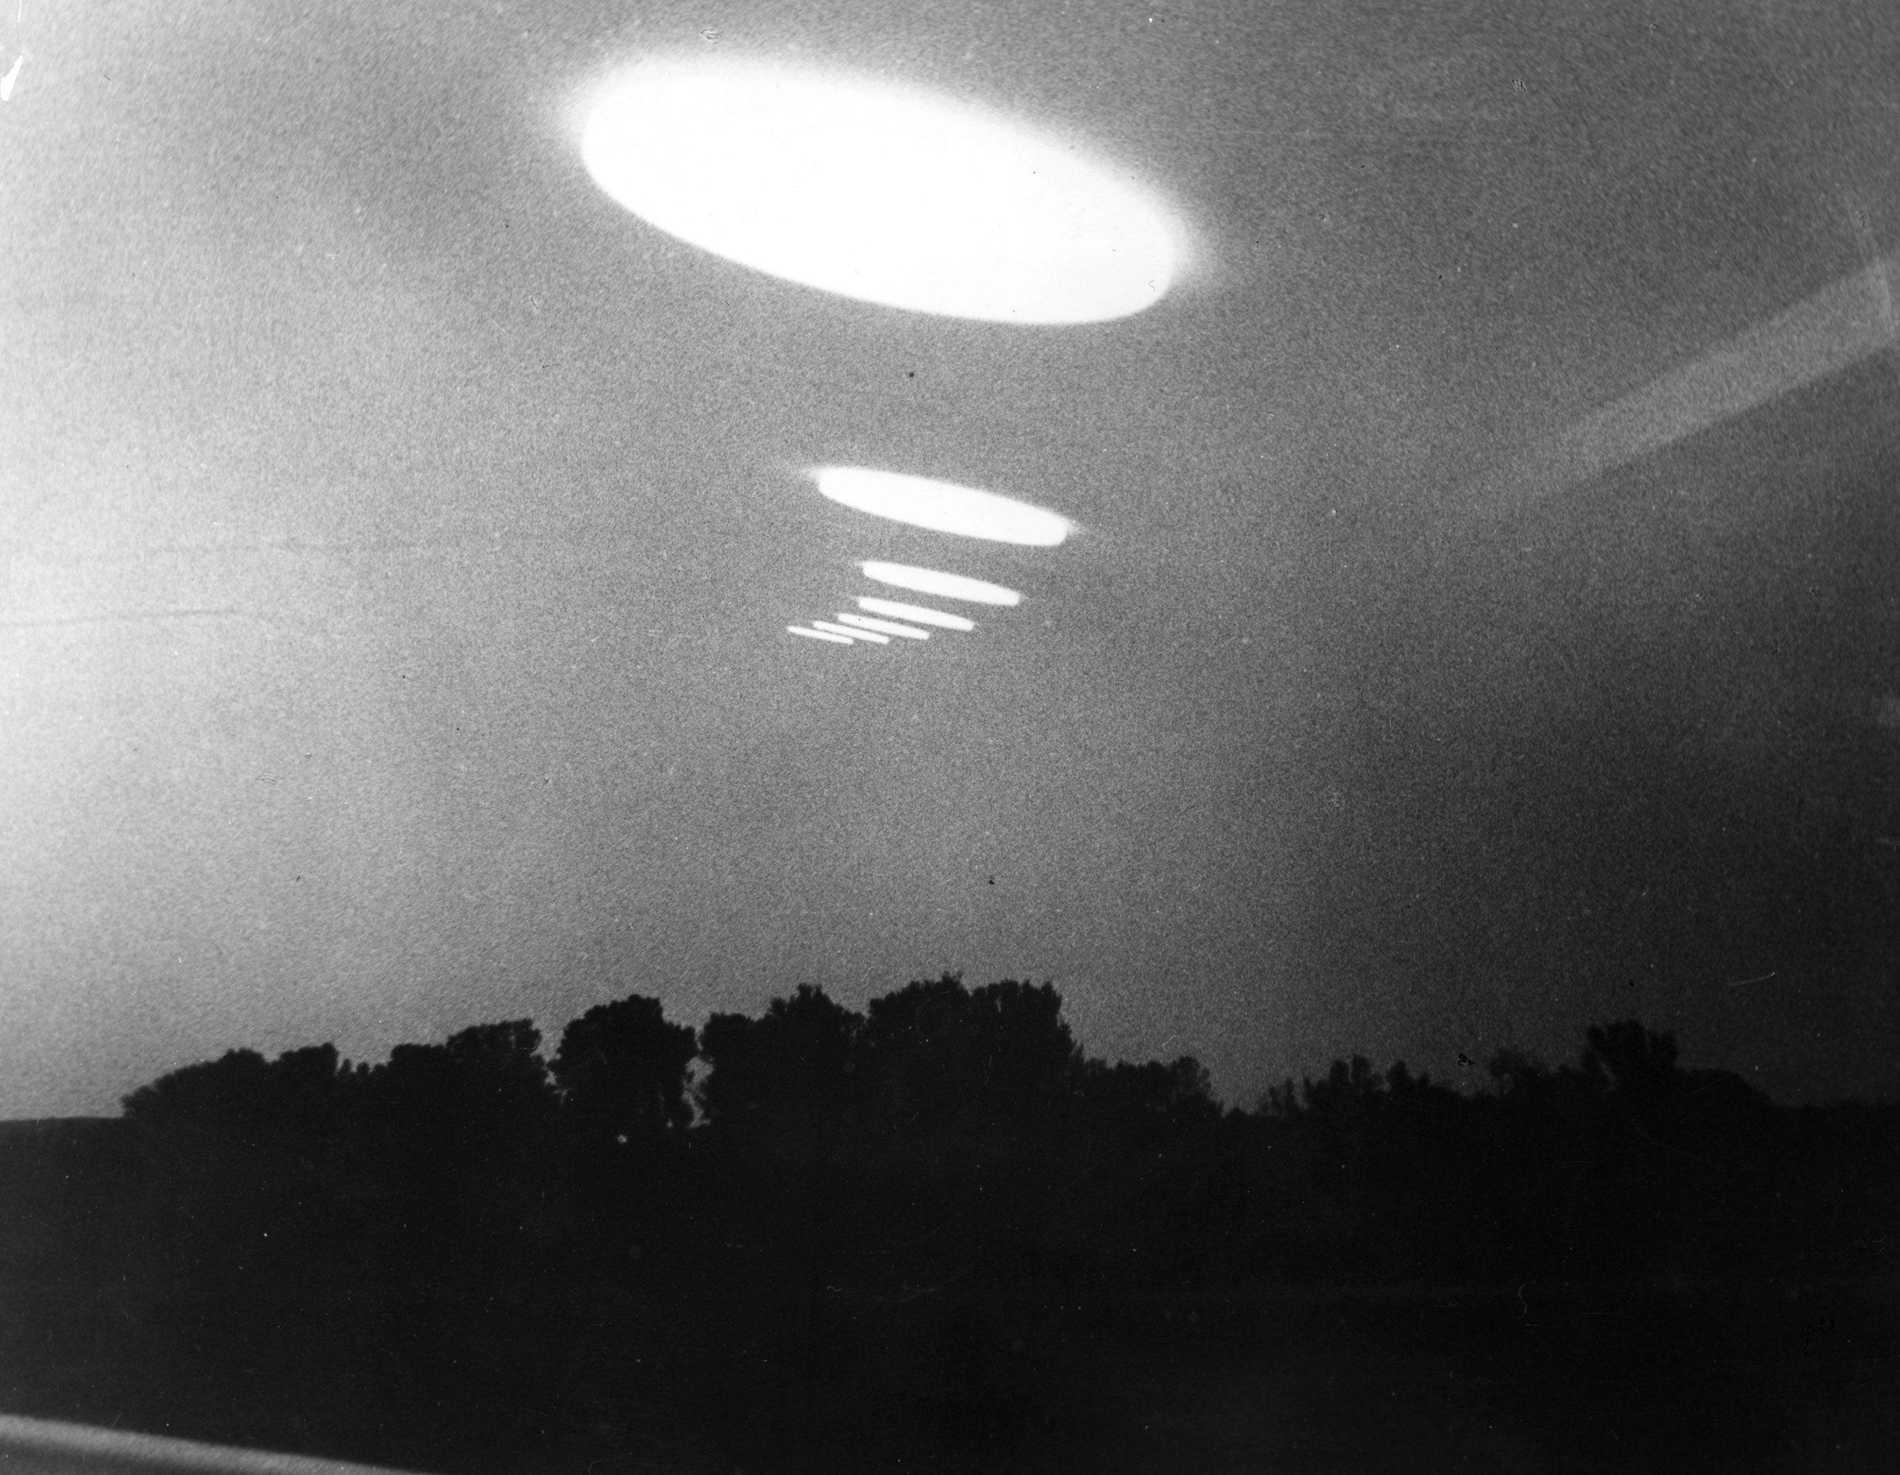 Detta misstänks vara ett ufo som är fångat på bild.